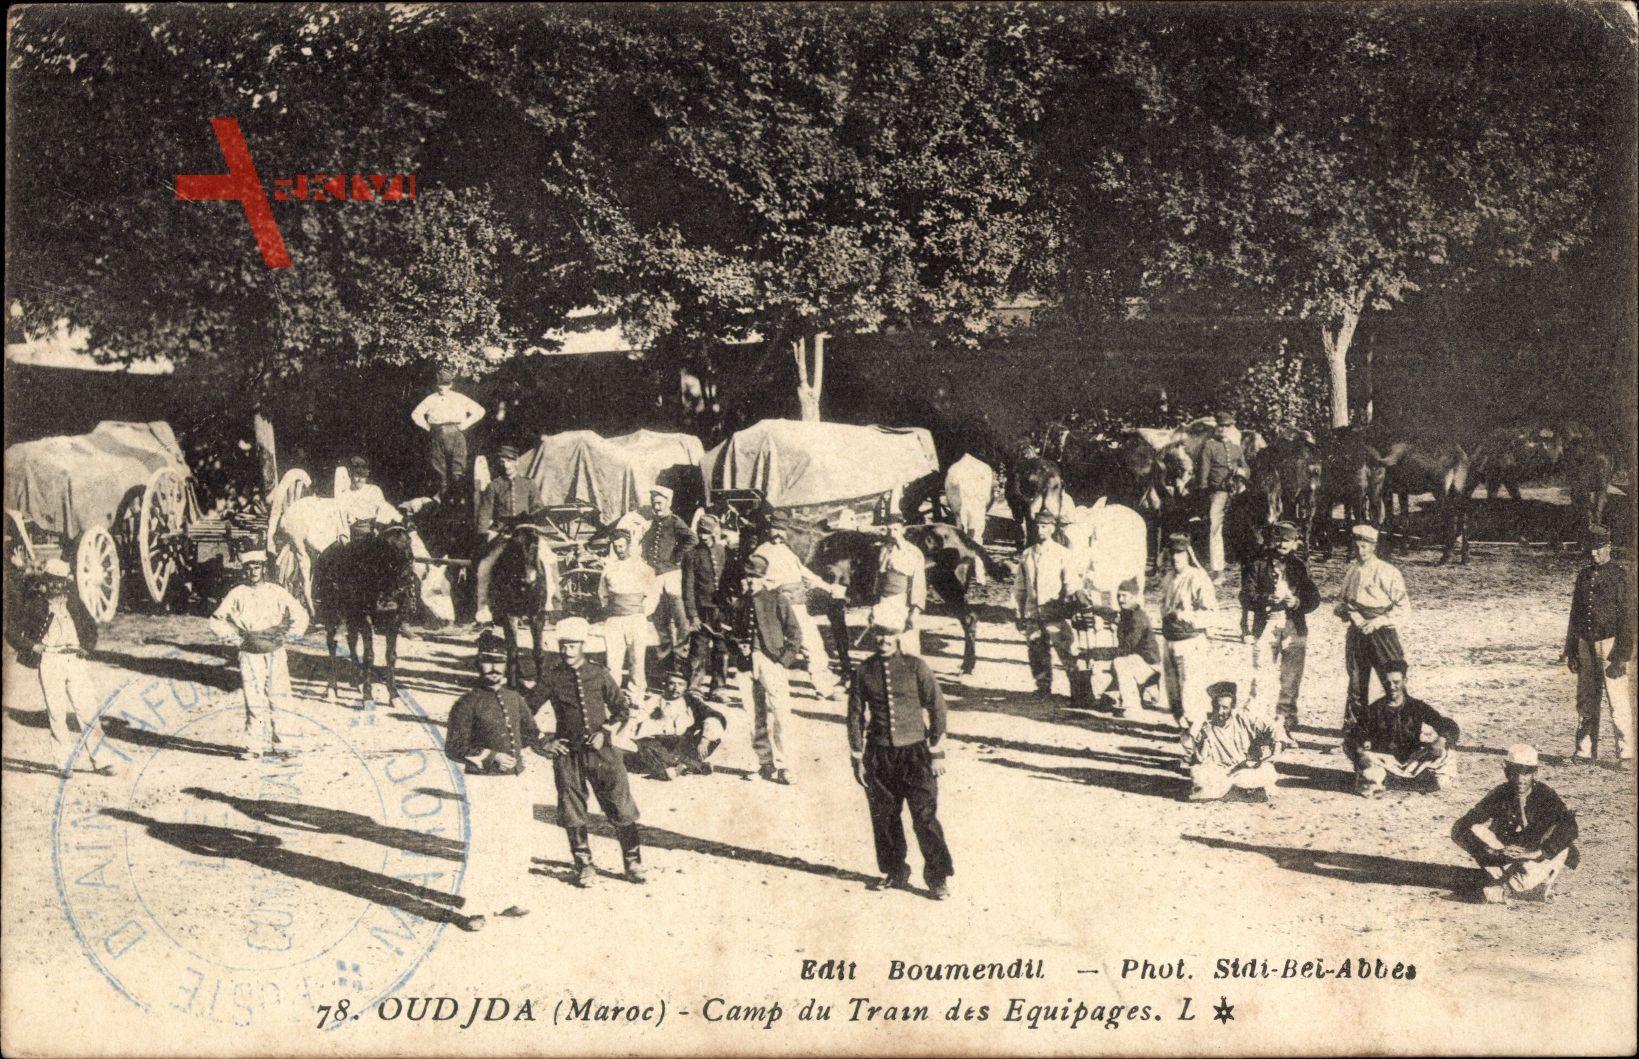 Oudja Marokko, Camp du Train des Equipages, Soldaten